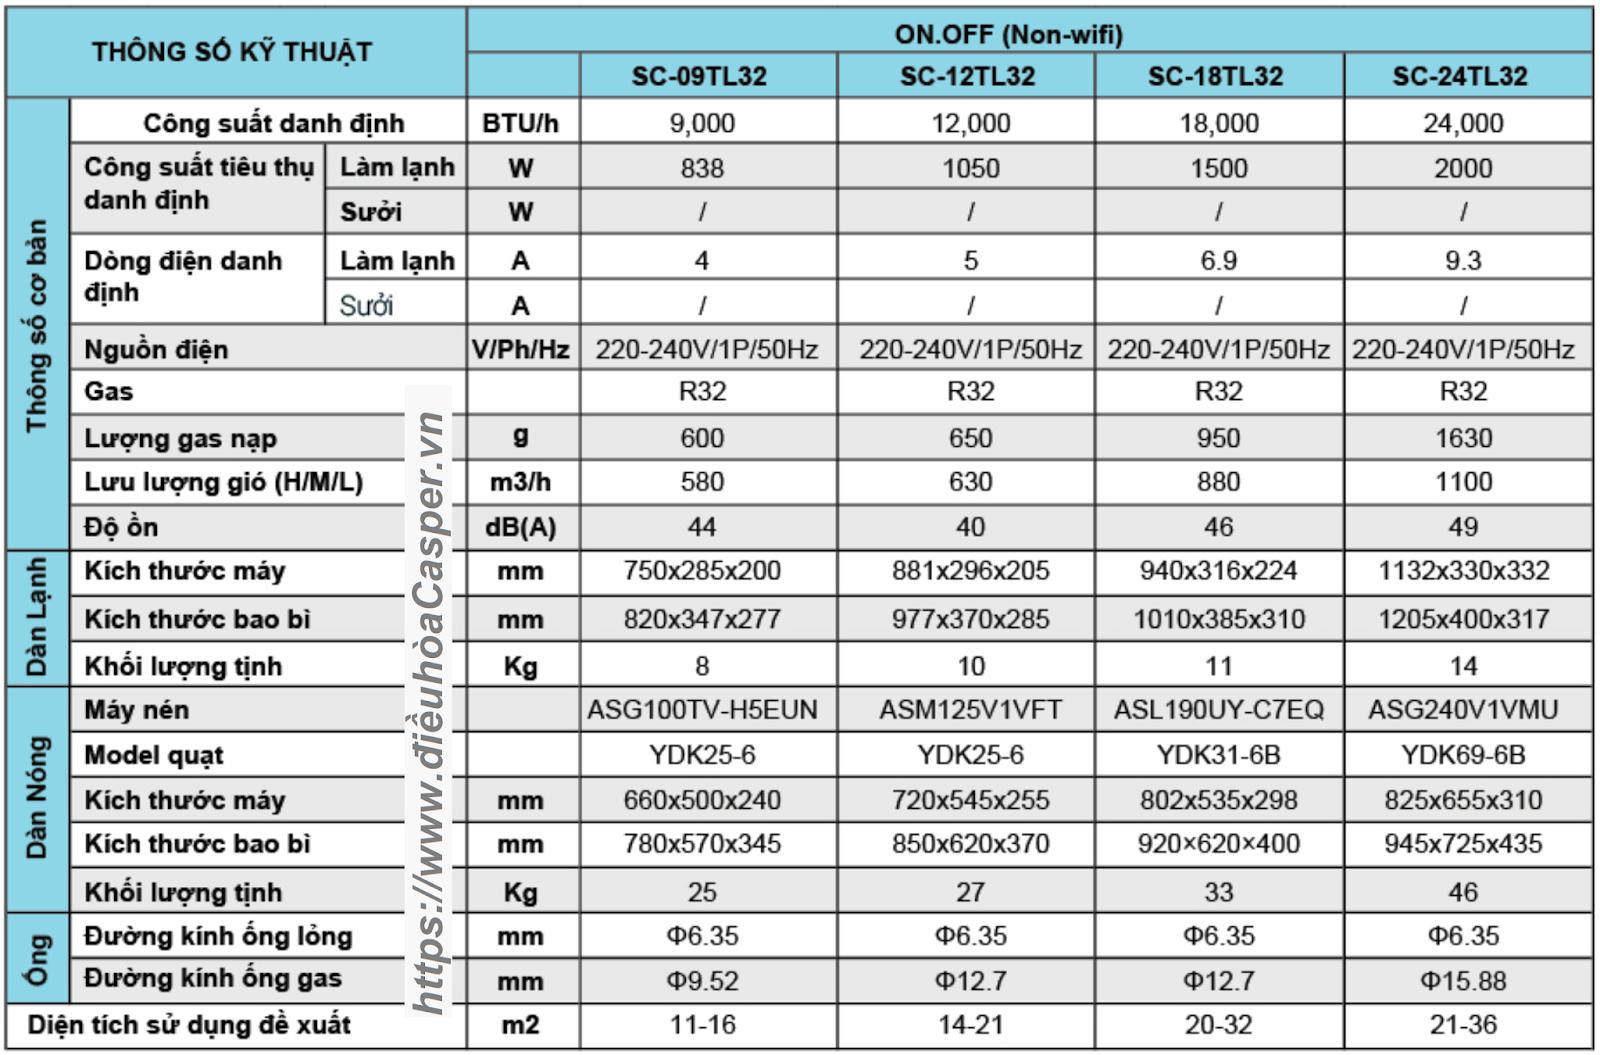 THÔNG SỐ KỸ THUẬT ĐIỀU HÒA CASPER 9000BTU 1 CHIỀU SC-09TL32